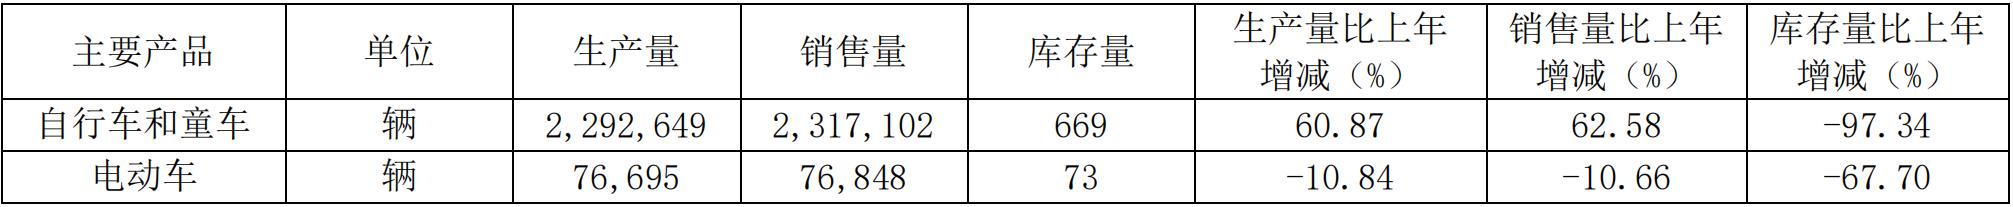 图片来源:中路股份2019年年报截图